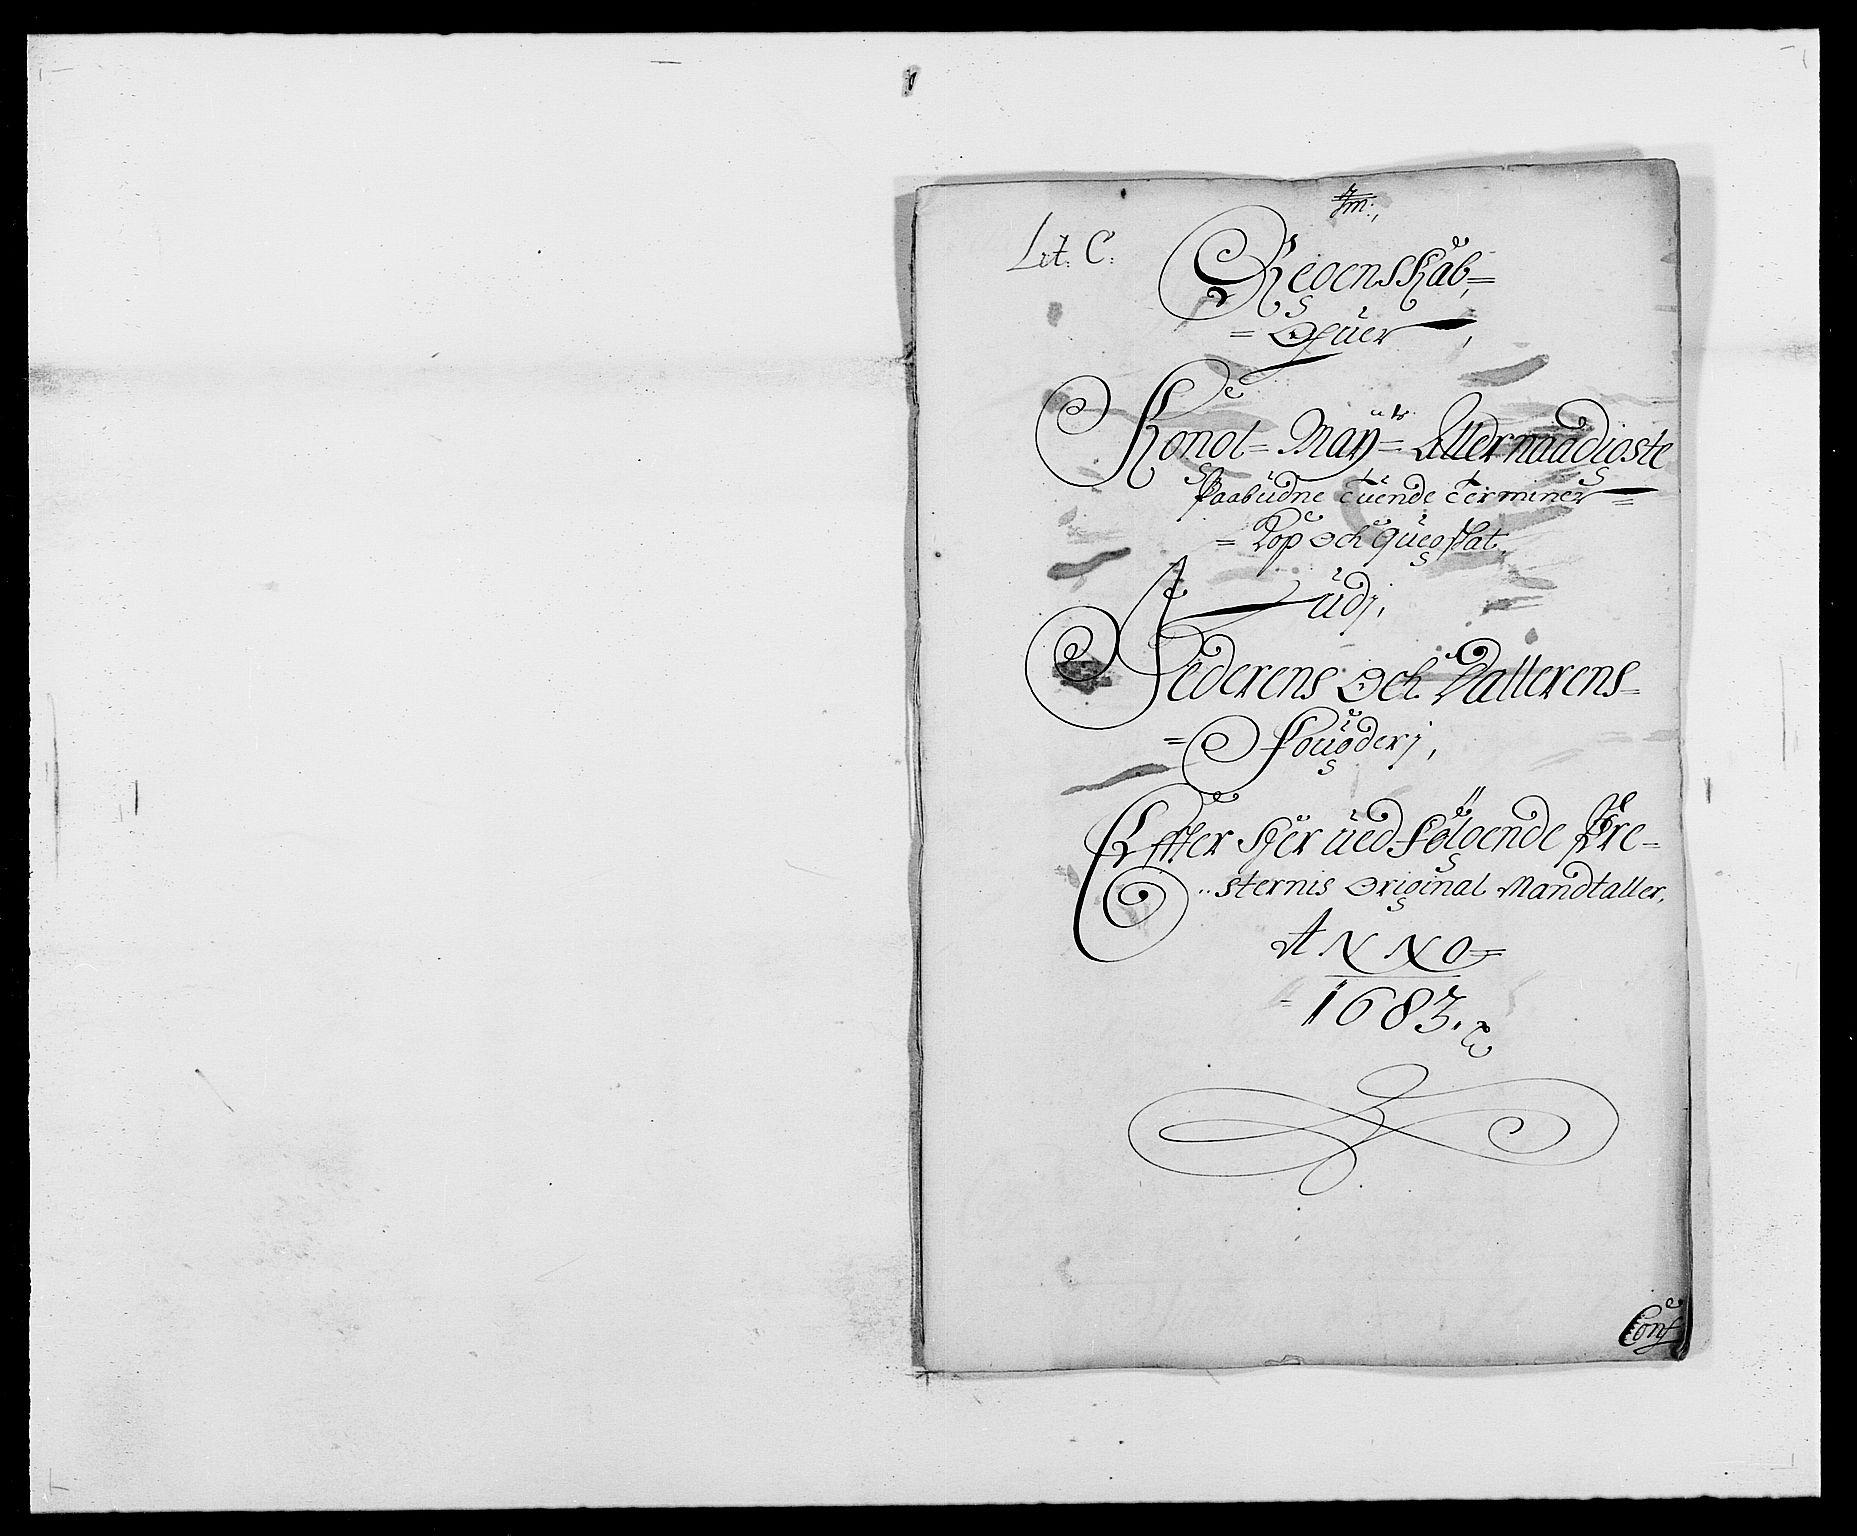 RA, Rentekammeret inntil 1814, Reviderte regnskaper, Fogderegnskap, R46/L2724: Fogderegnskap Jæren og Dalane, 1682-1684, s. 28